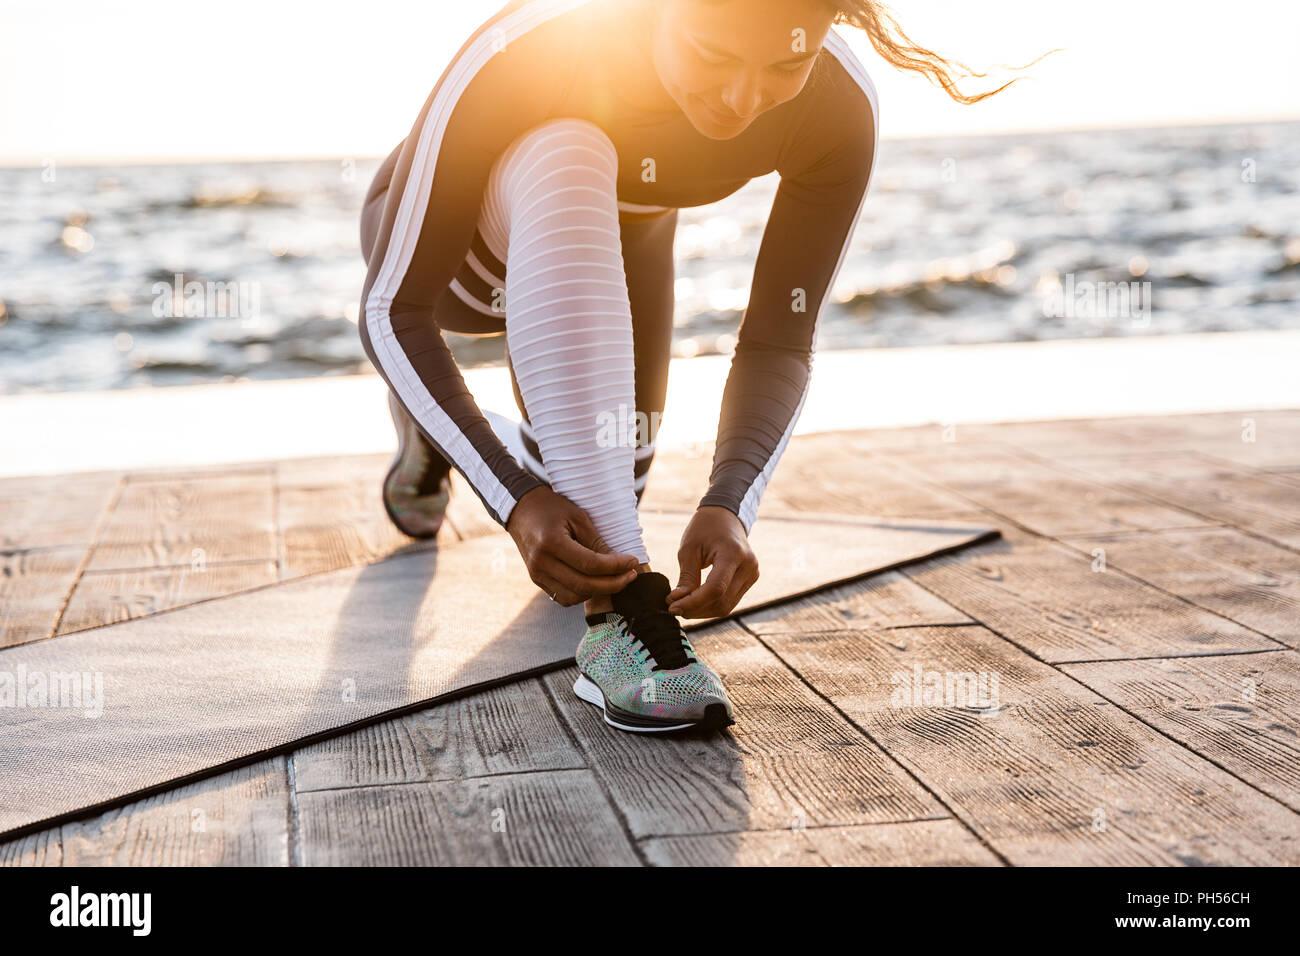 Image of young woman fitness en plein air dans la plage des lacets. Banque D'Images